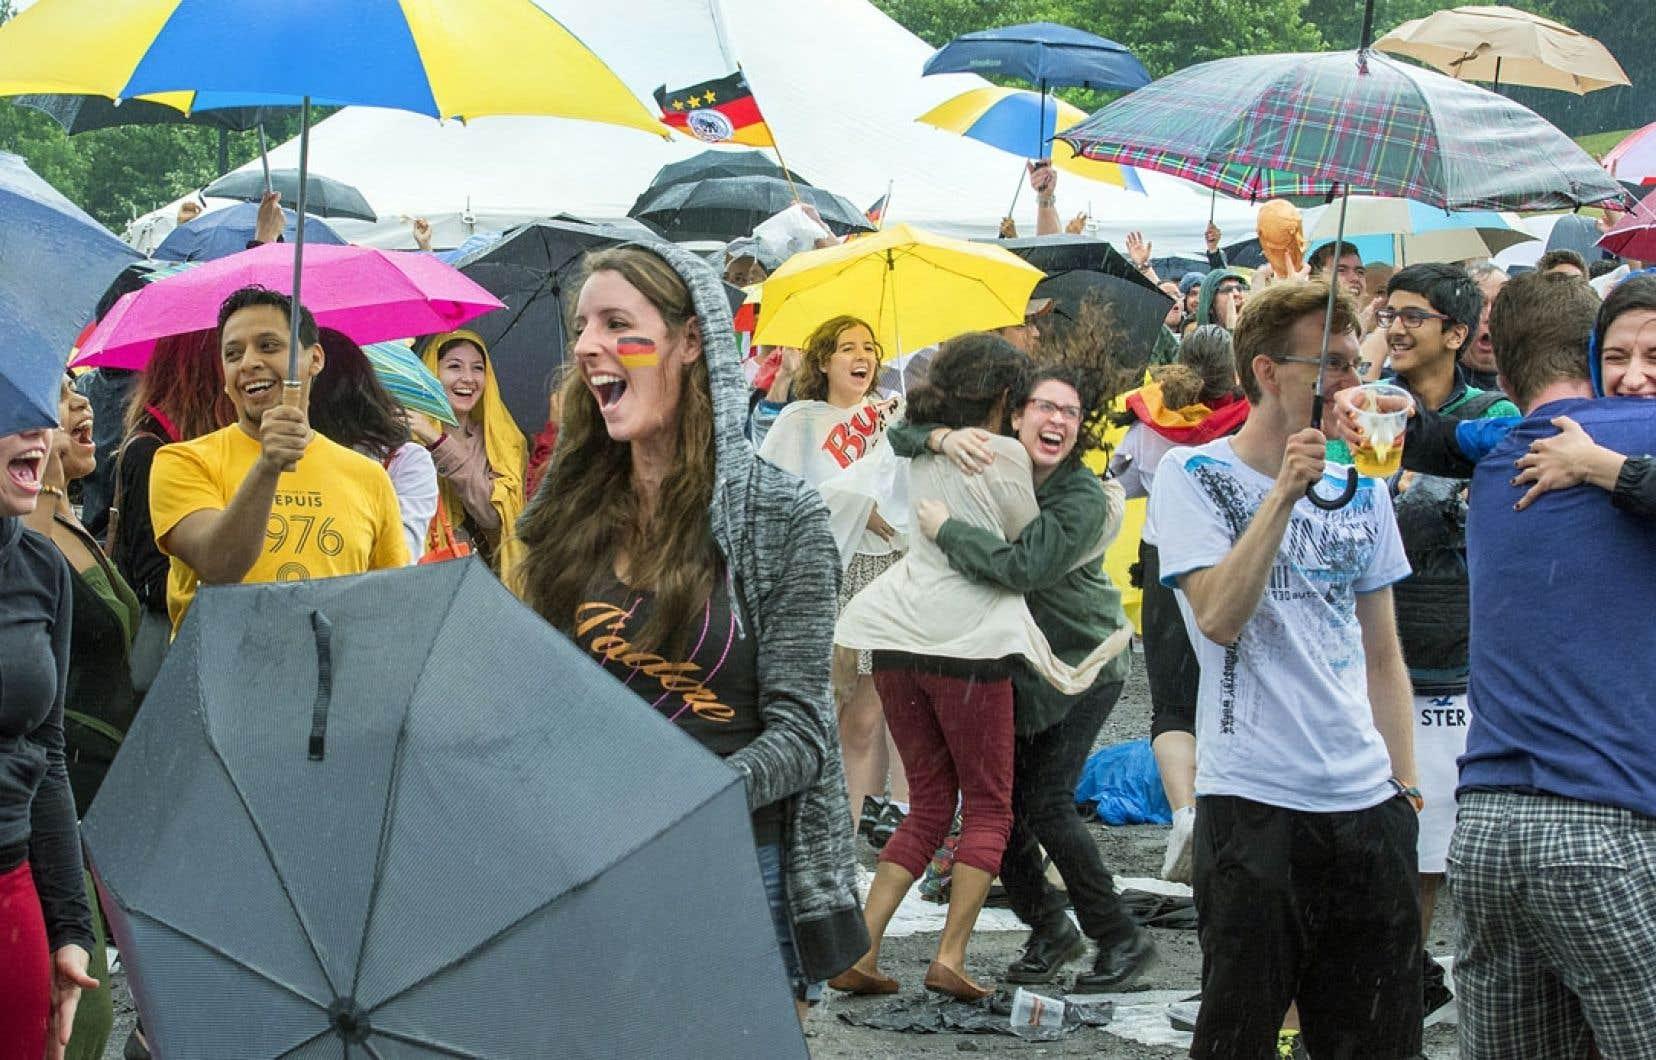 Le temps pluvieux n'a pas empêché les partisans de l'Allemagne de célébrer la victoire de leur équipe au parc Jean-Drapeau, dimanche après-midi, où des écrans géants diffusaient la finale de la Coupe du monde.